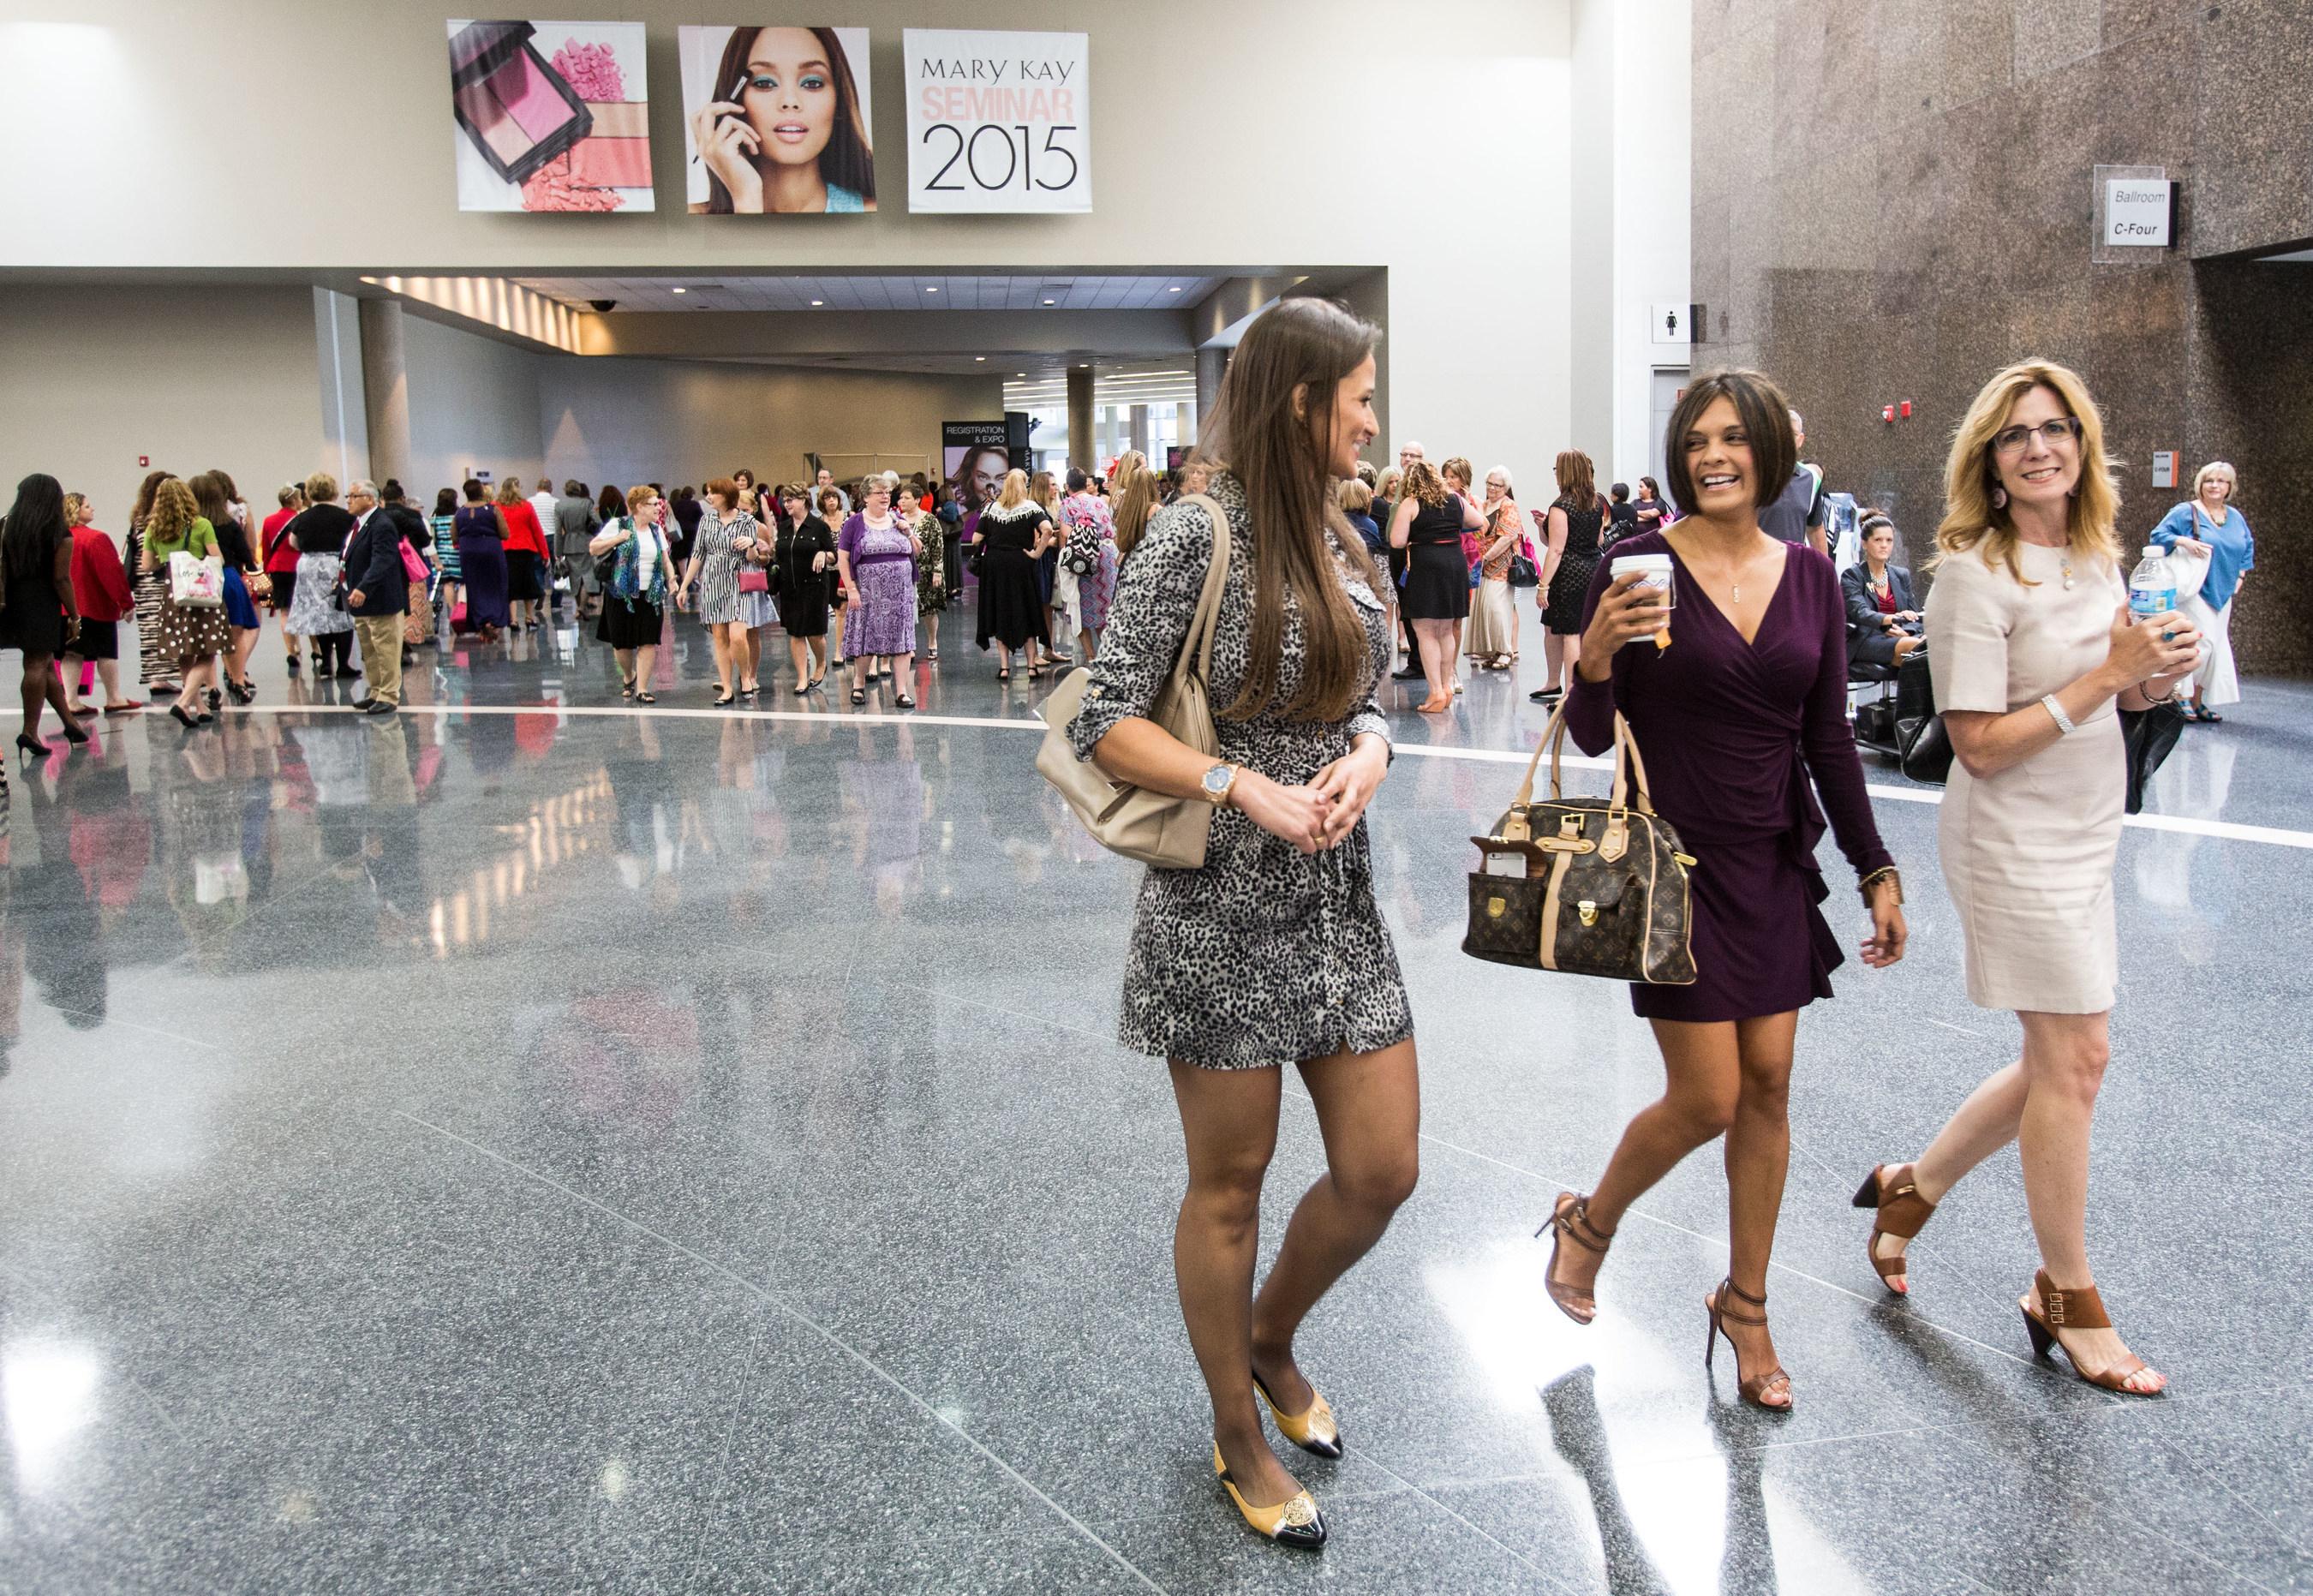 El Cuerpo de Ventas Independiente Mary Kay se Reúne en Dallas Para el Seminario Anual Trayendo